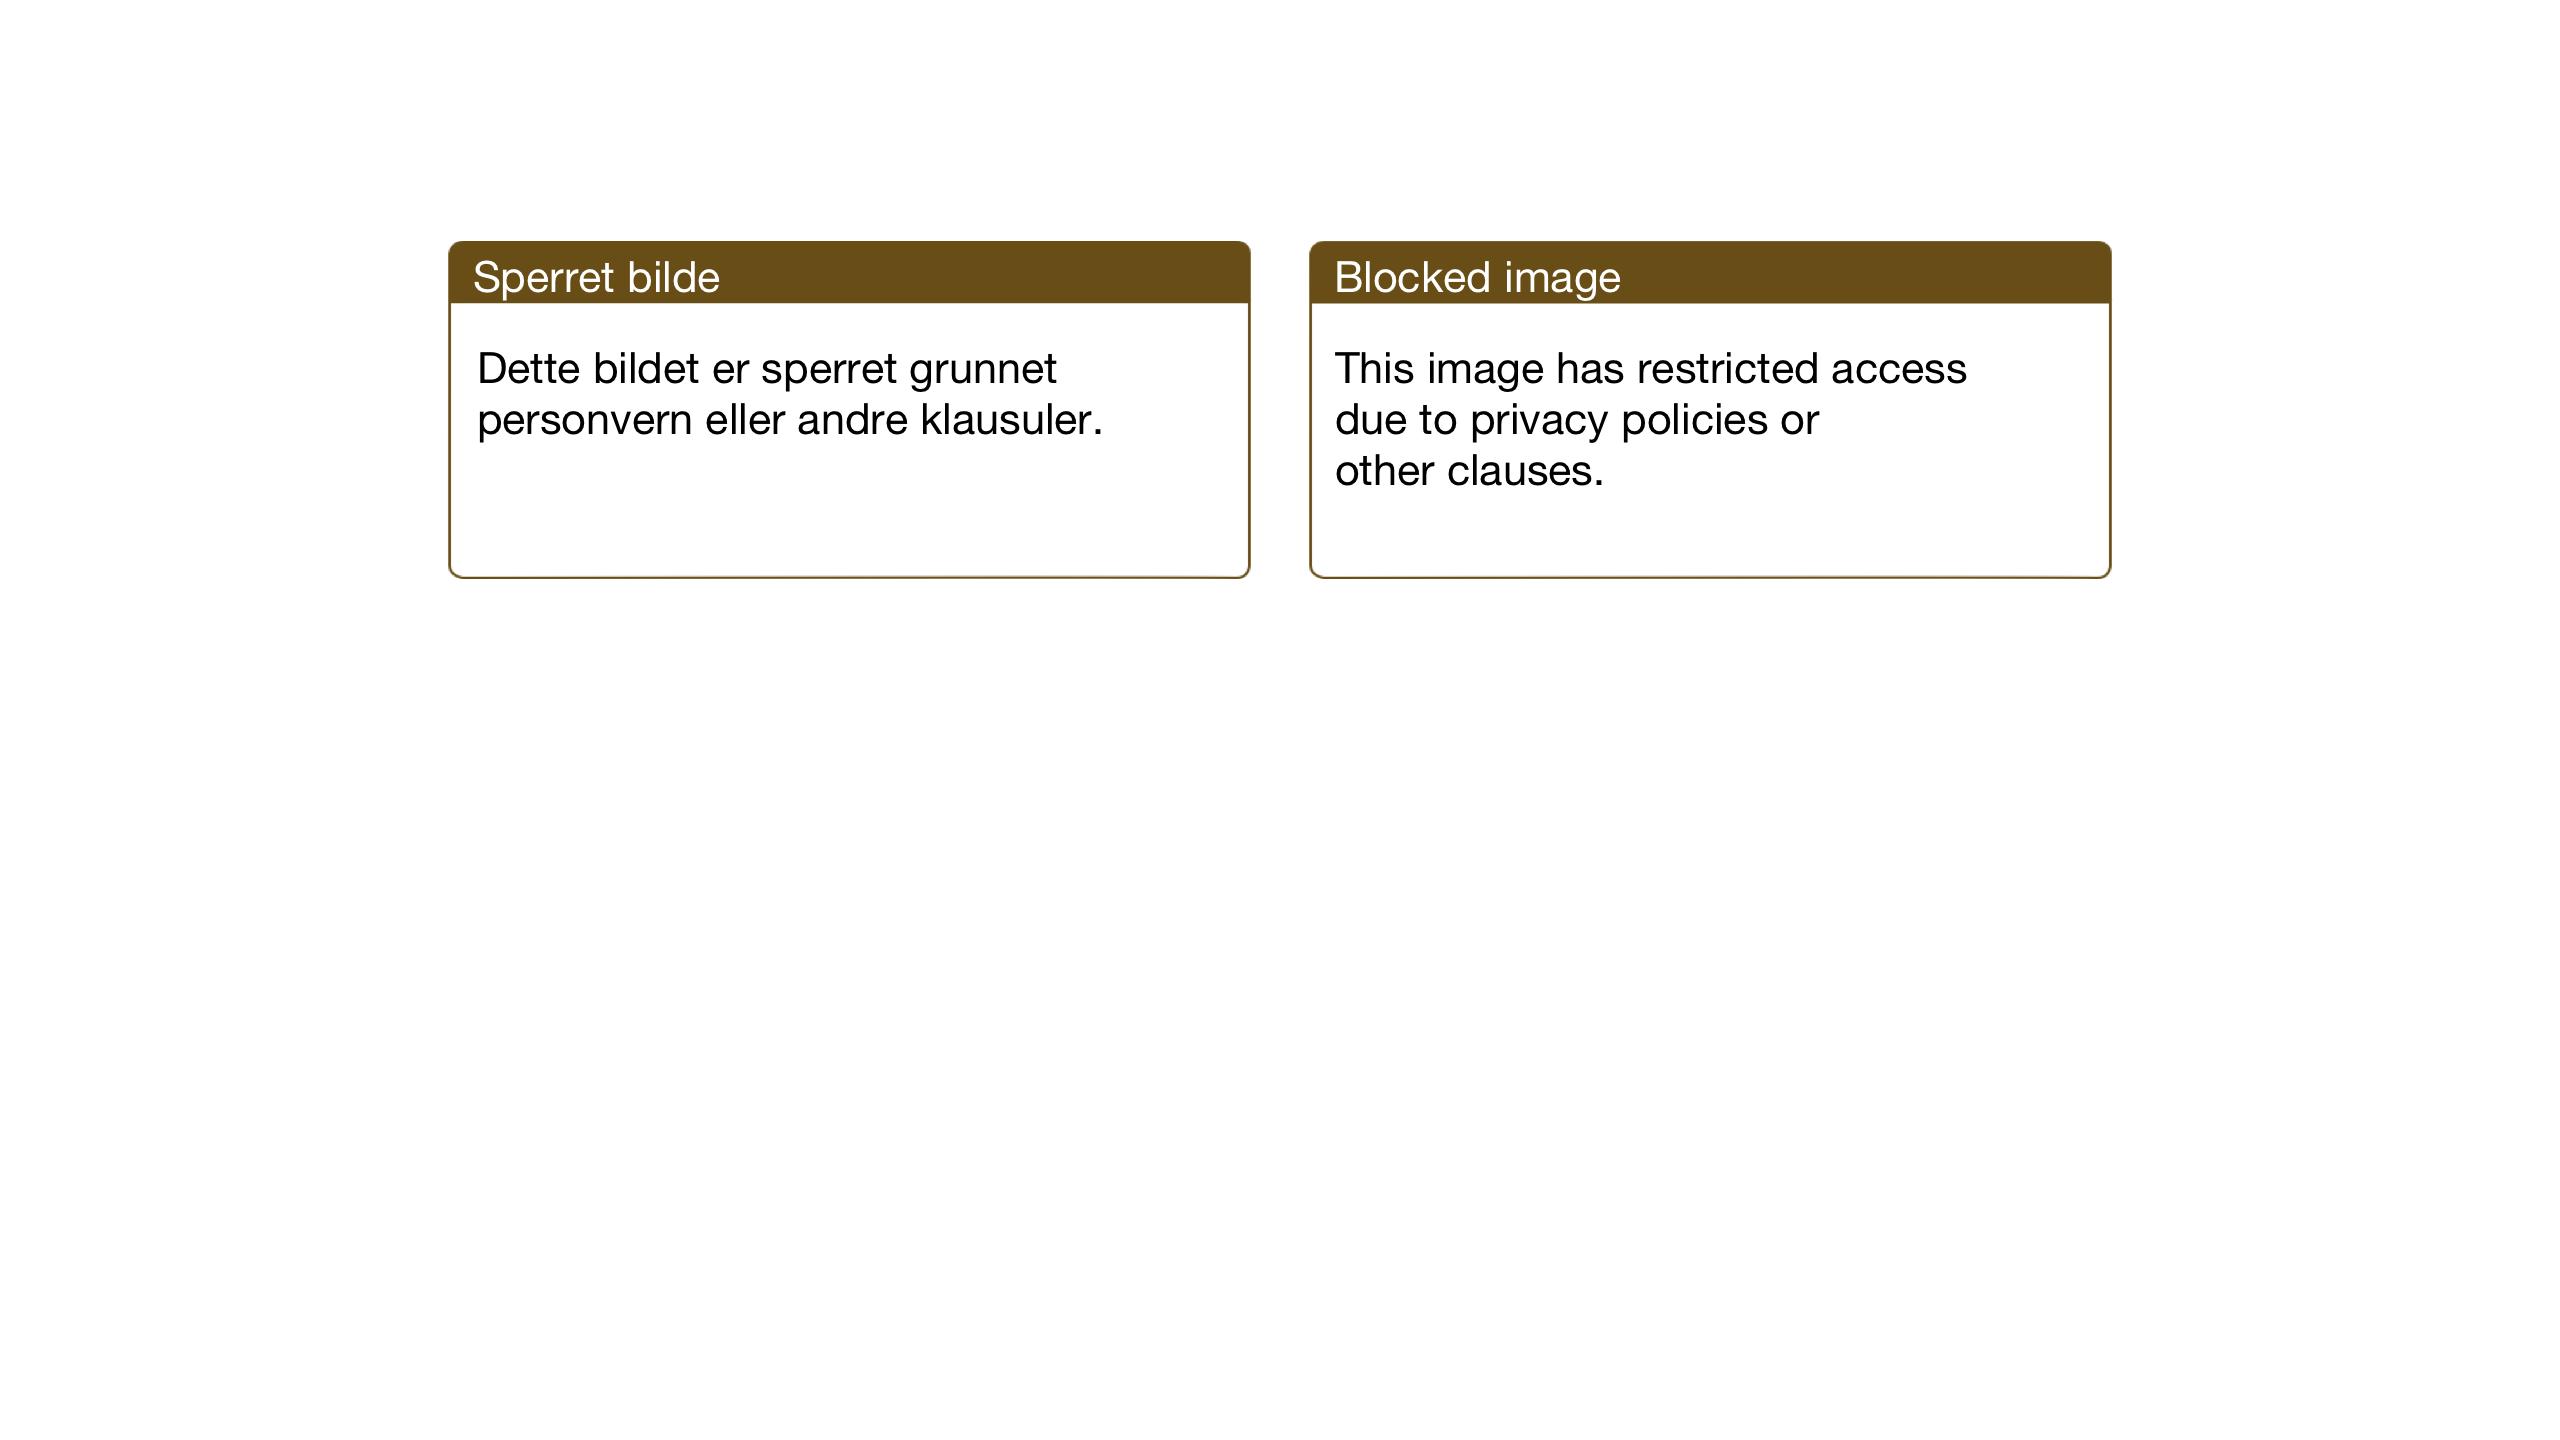 SAT, Ministerialprotokoller, klokkerbøker og fødselsregistre - Sør-Trøndelag, 662/L0758: Klokkerbok nr. 662C03, 1918-1948, s. 74